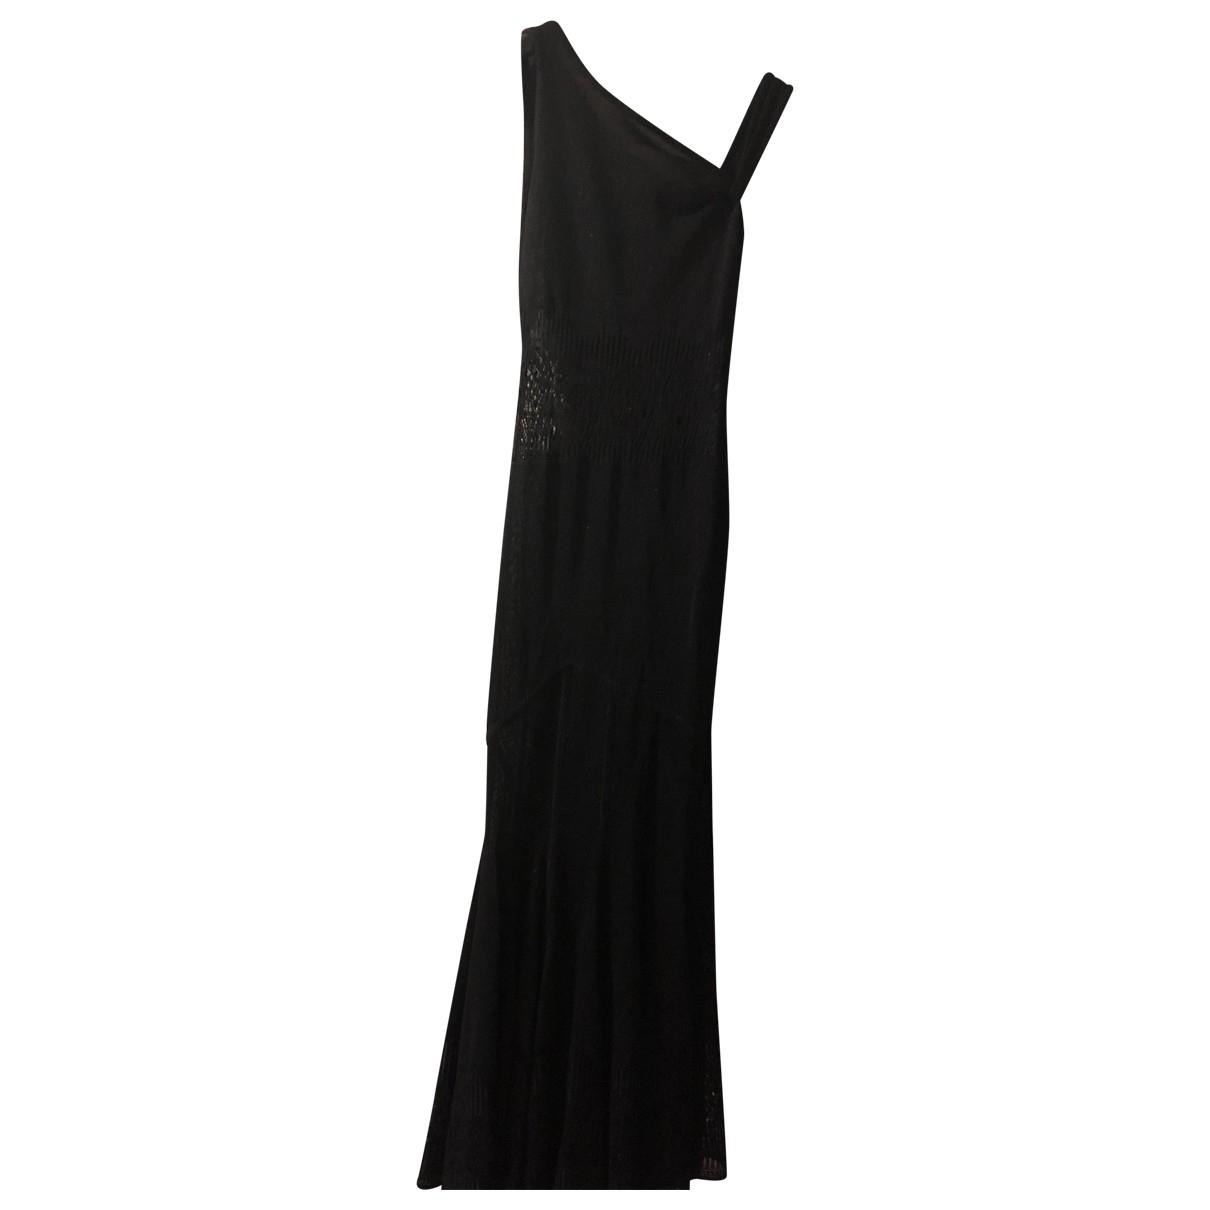 Plein Sud \N Black Glitter dress for Women 40 IT